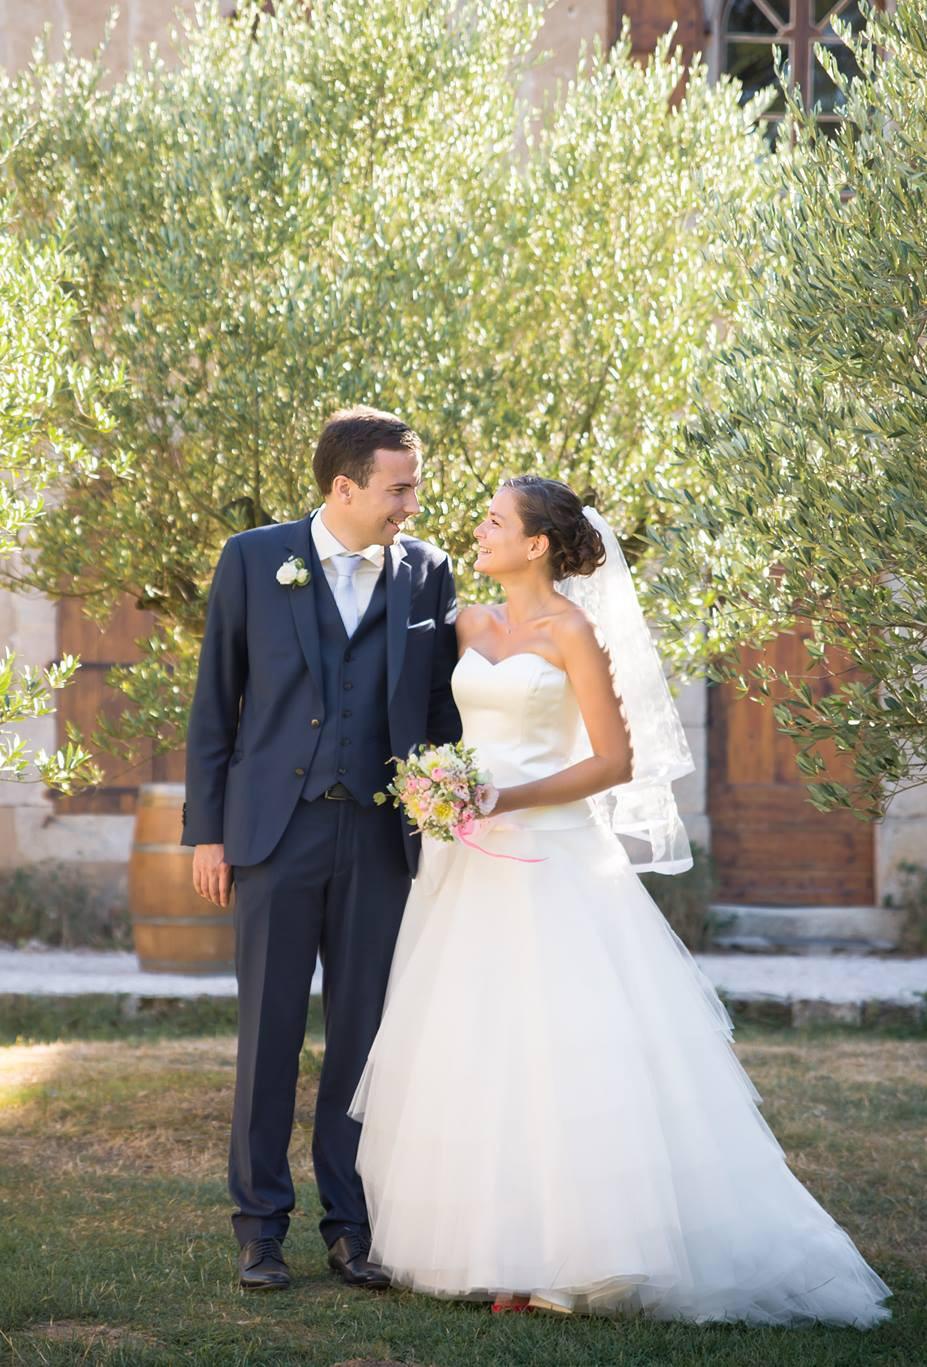 Idée mariage provence - Robe de mariée Cymbeline - Wedding inspiration - Ispirazione sposa - Inspiração casamento - Inspiration Brautkleid - Inspiración matrimonio